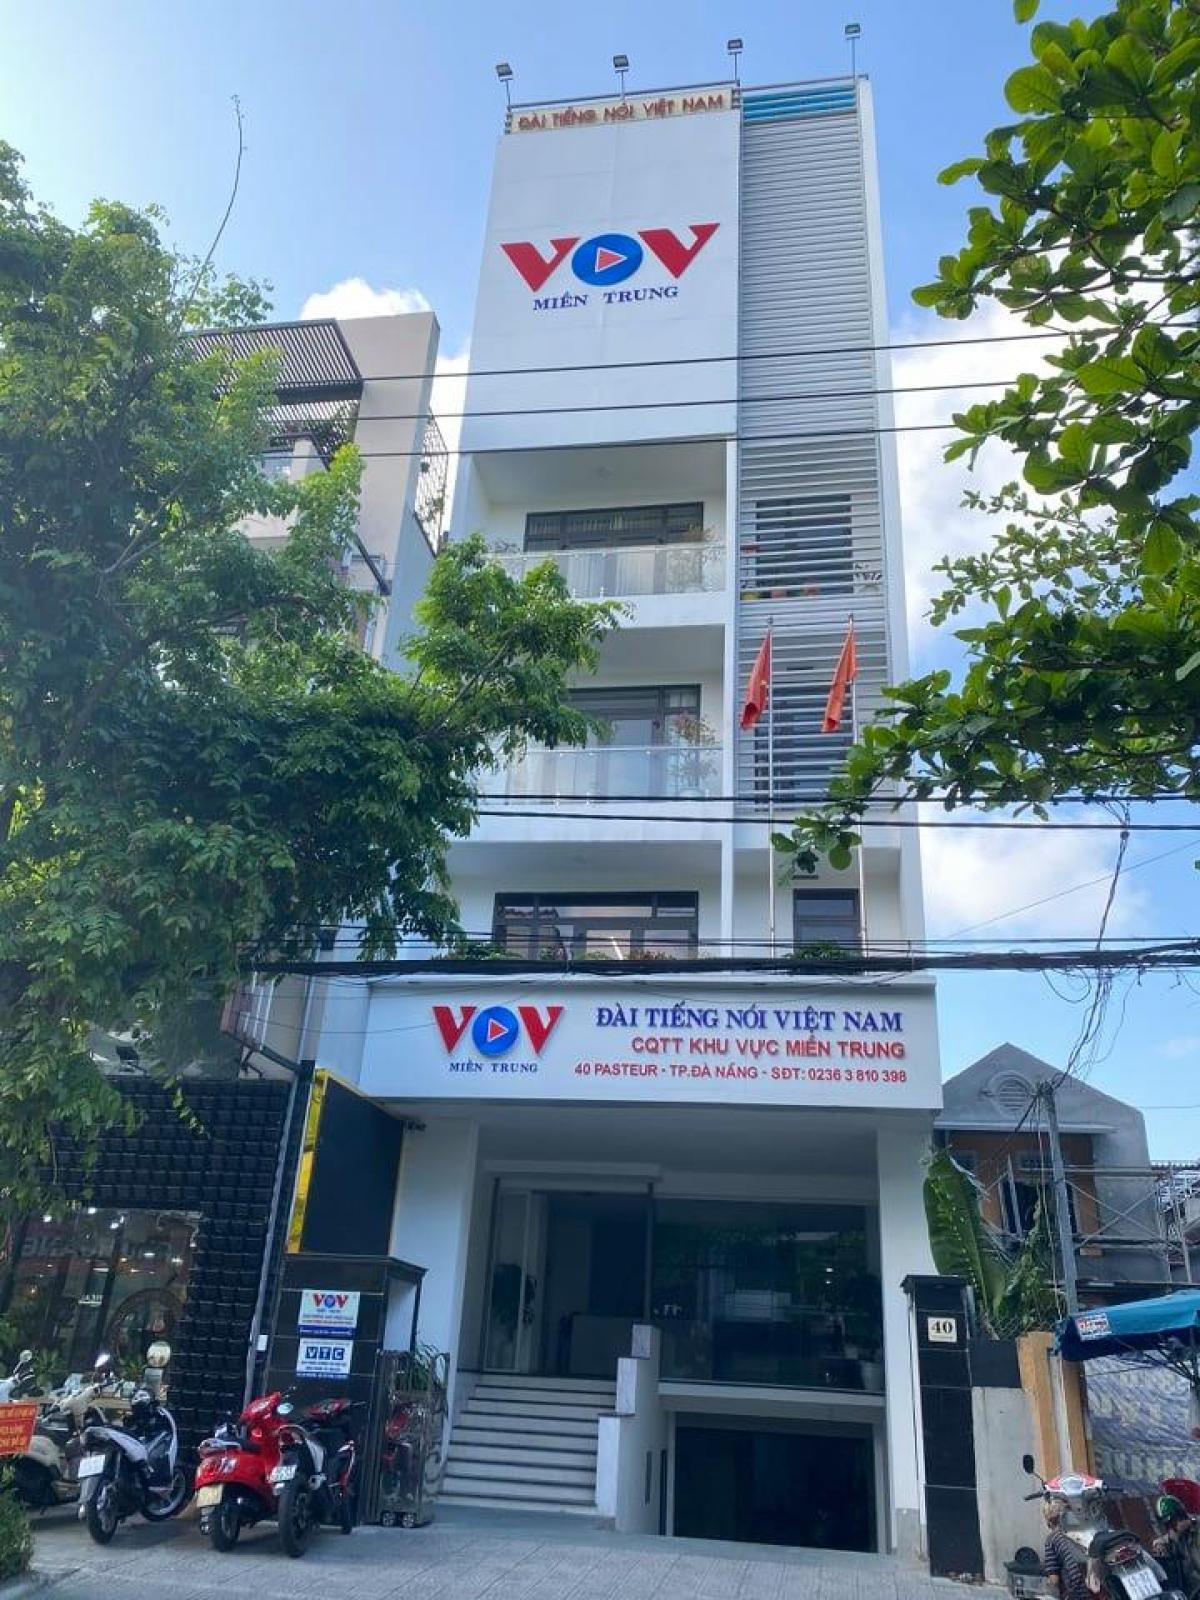 Đài Tiếng nói Việt Nam (VOV) thông báo tuyển dụng phóng viên làm việc tại Cơ quan thường trú khu vực Miền Trung.